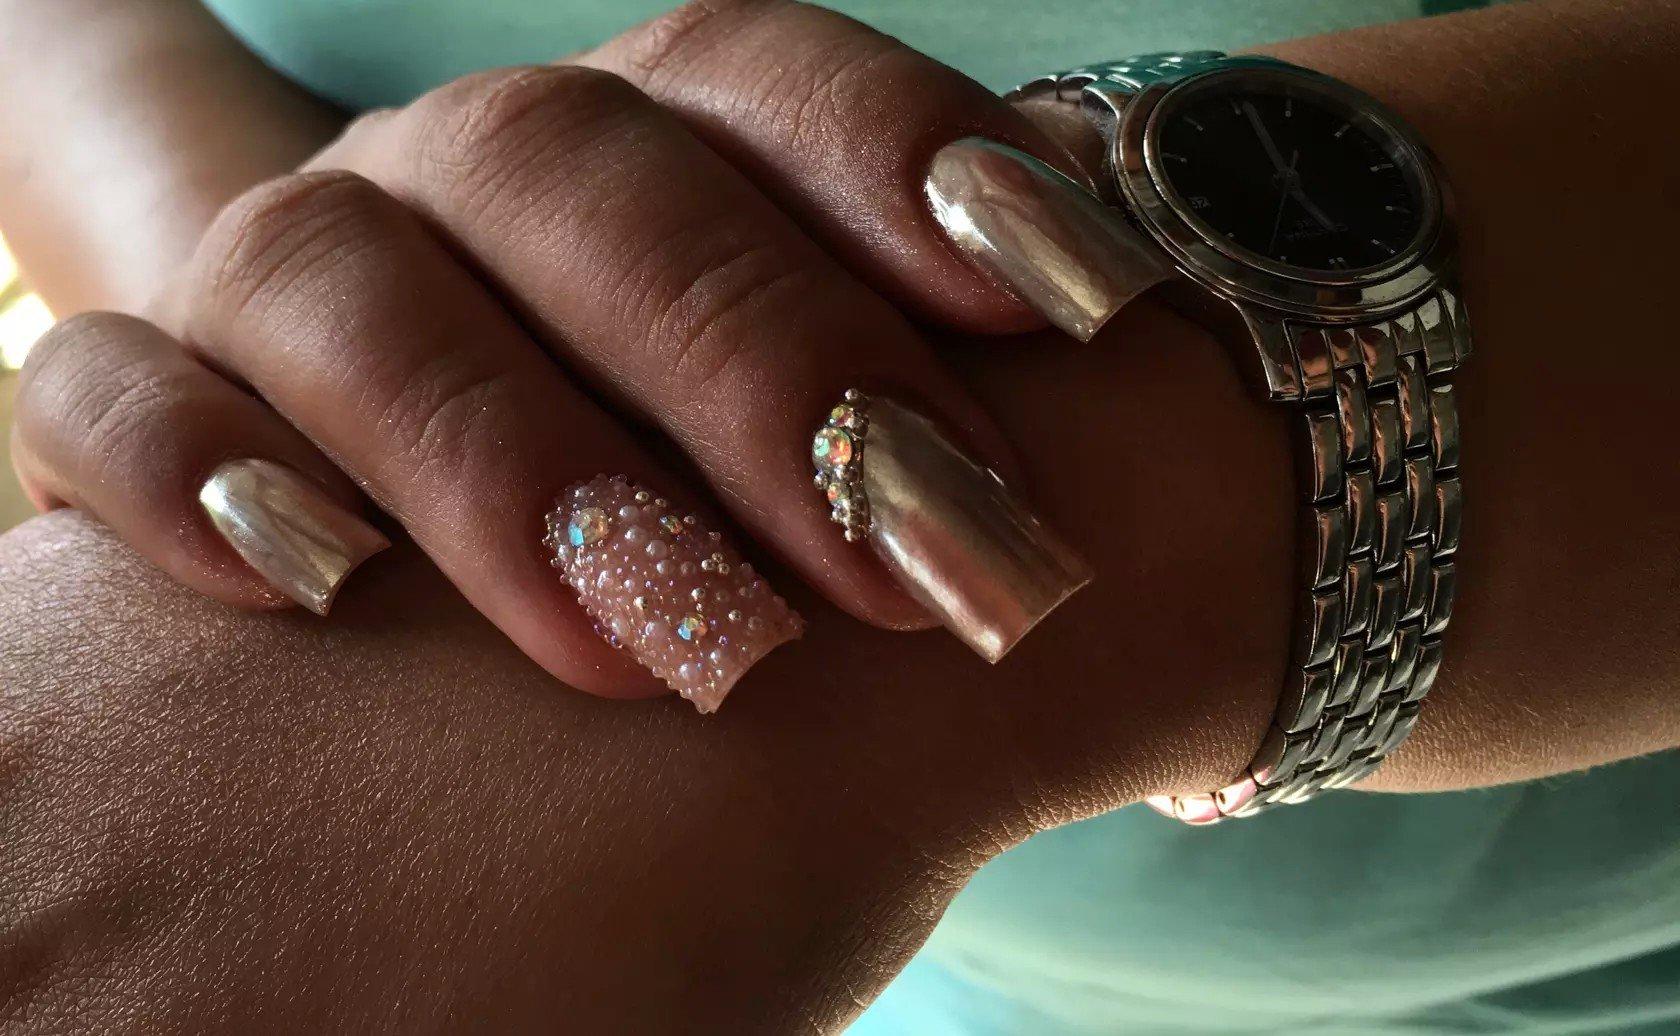 своем разводе дизайн ногтей на руках фото вашей